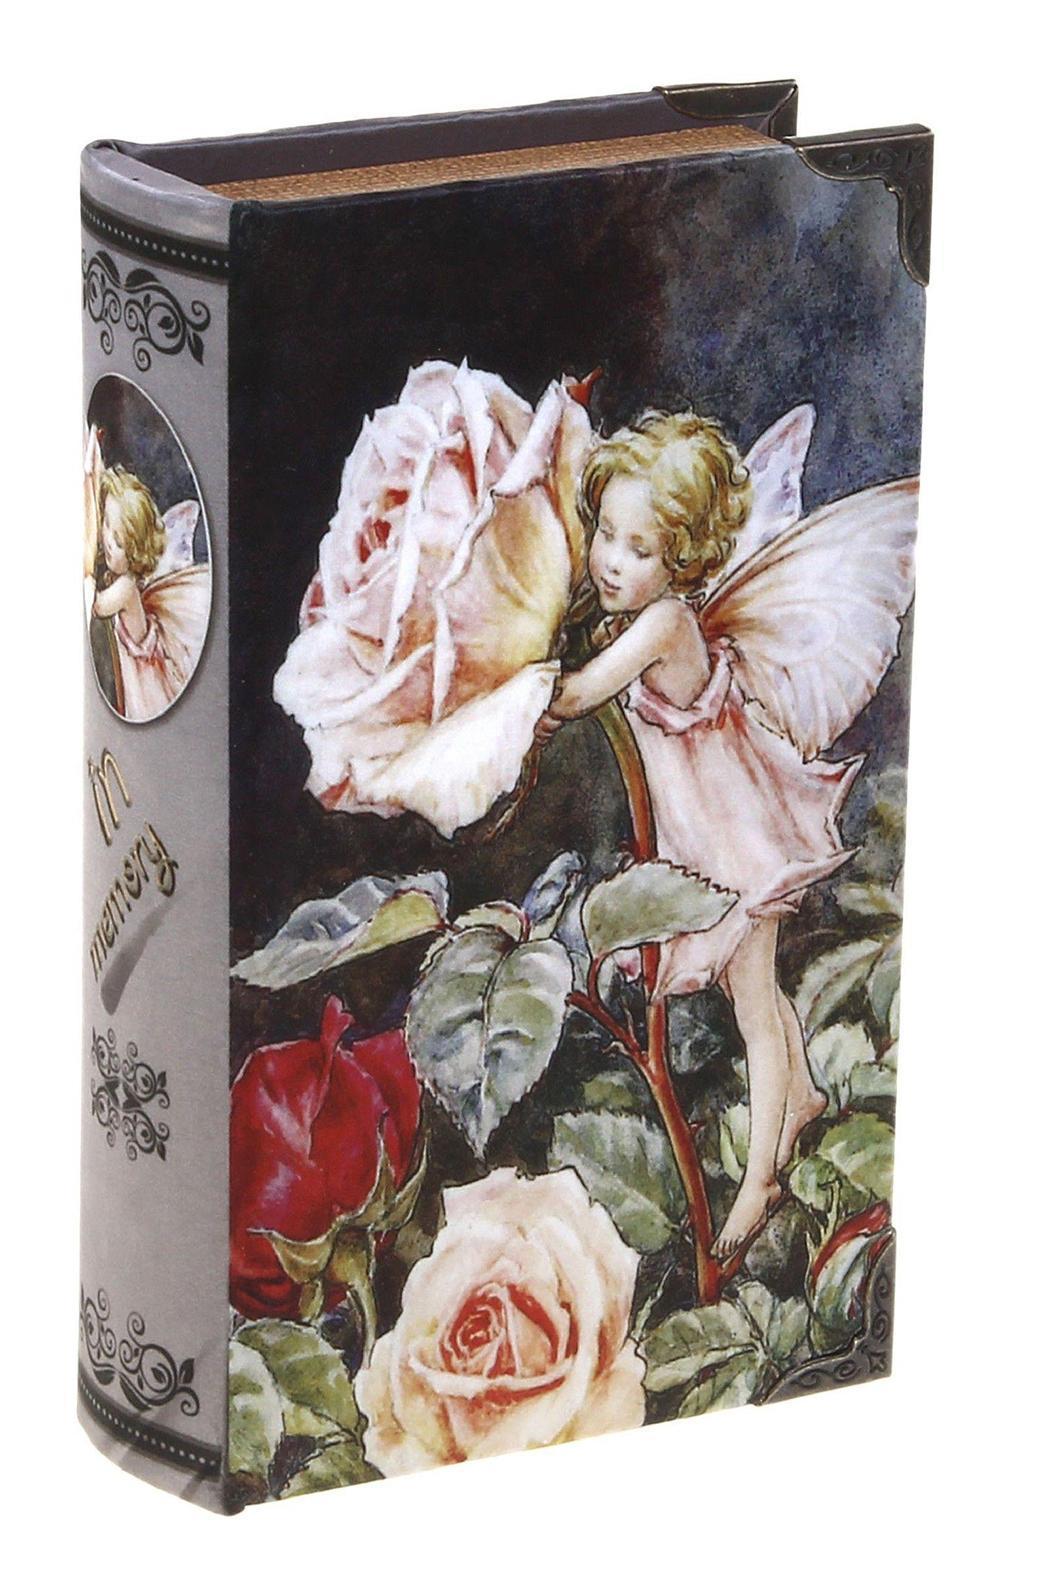 Книга-сейф Голландские розы, с ключом. 521802521802Выбор подарка – непростая задача для многих. Сейф-книга Голландские розы обтянута шелком - не просто подарок, но и гарантия хорошего настроения, ведь это красивая вещь из качественного, безопасного для здоровья материала. Данный товар может пополнить коллекцию уже существующих сувениров или стать началом новой коллекции. Надолго сохранит память о замечательном дне и о том, кто вручил подарок. Уже сегодня вы можете купить оптом данный сувенир в нашем интернет-магазине. Характеристики:Материал: дерево, металл, текстиль. Цвет: мульти. Размер книги-сейфа: 10,5 см x 17 см x 4,5 см. Размер упаковки: 12 см х 18 см х 5,5 см. Артикул: 521802.